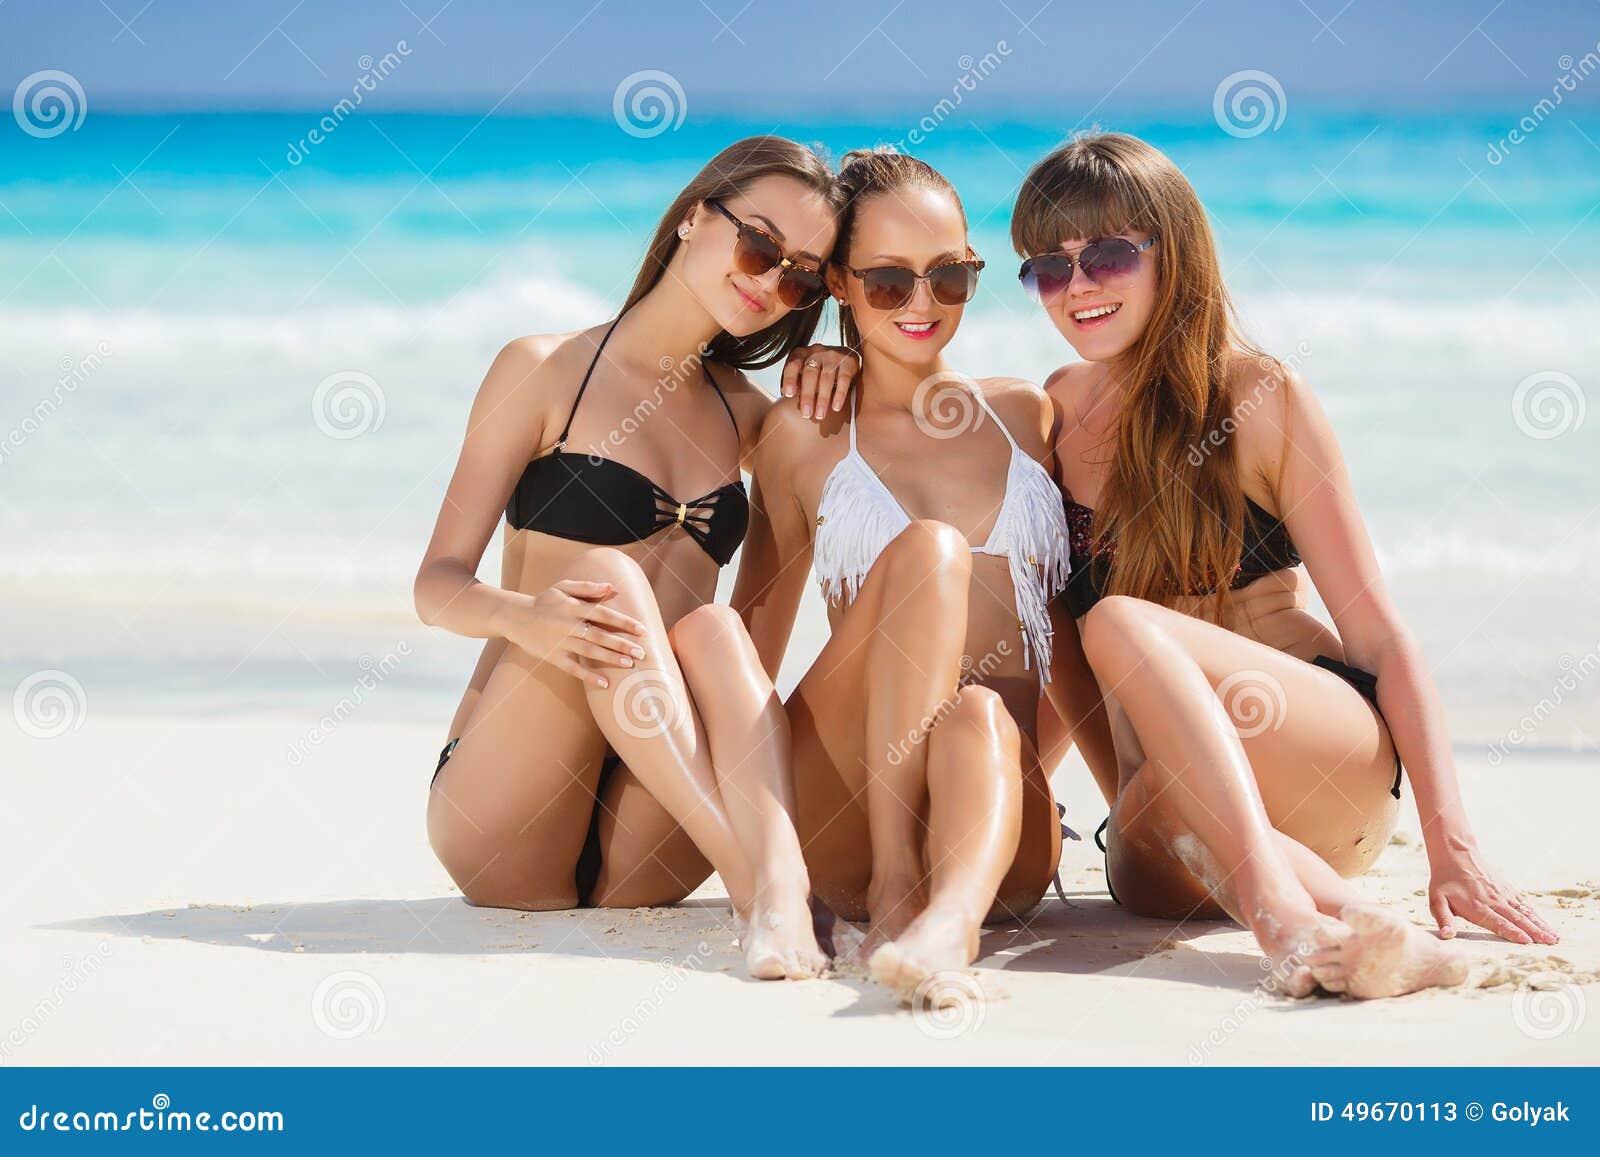 2 beach babes black or blue graz 31 2